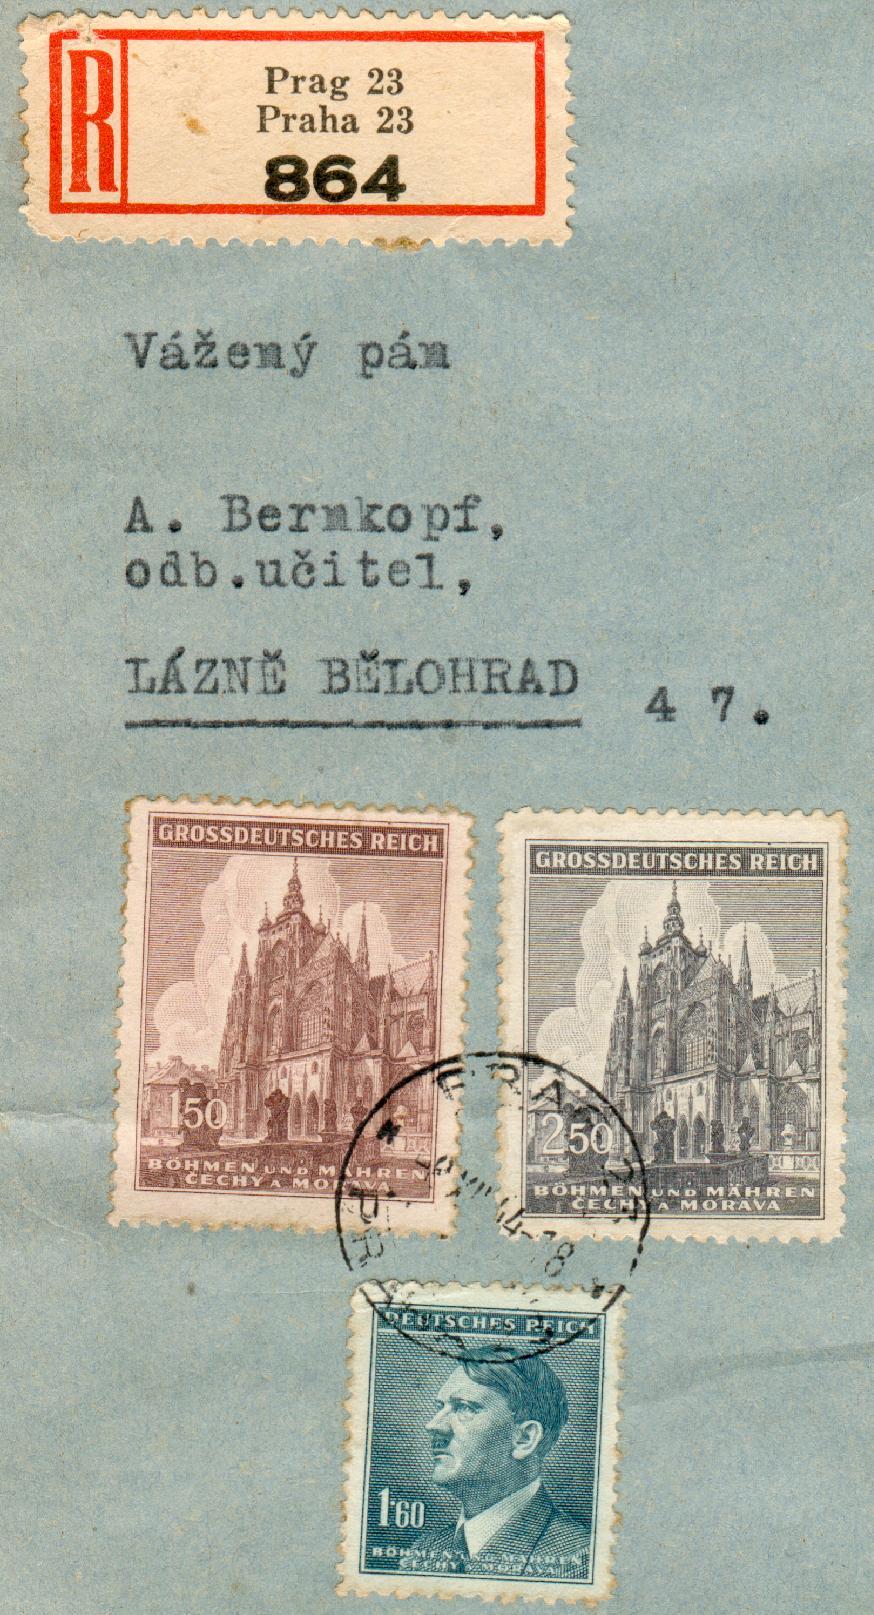 fb80-2.jpg